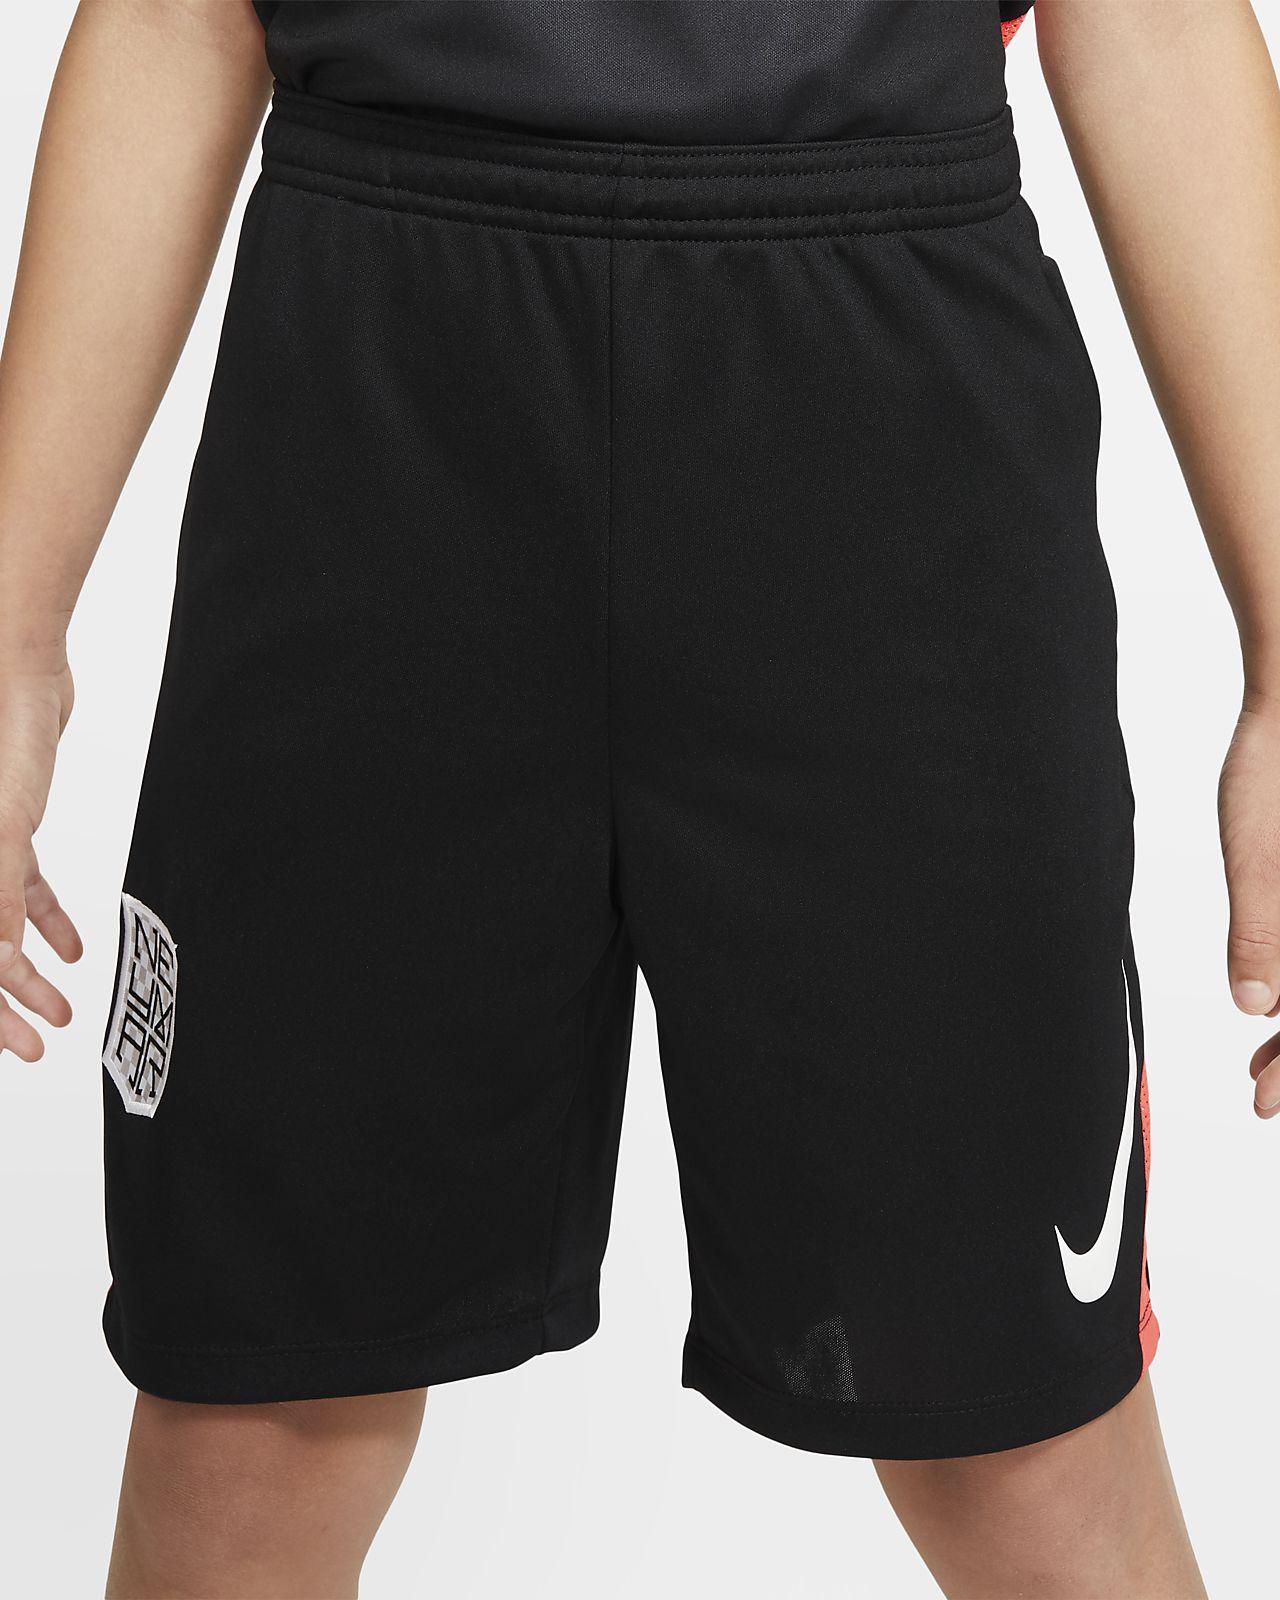 Nike Dri-FIT Neymar Jr. Older Kids' Football Shorts